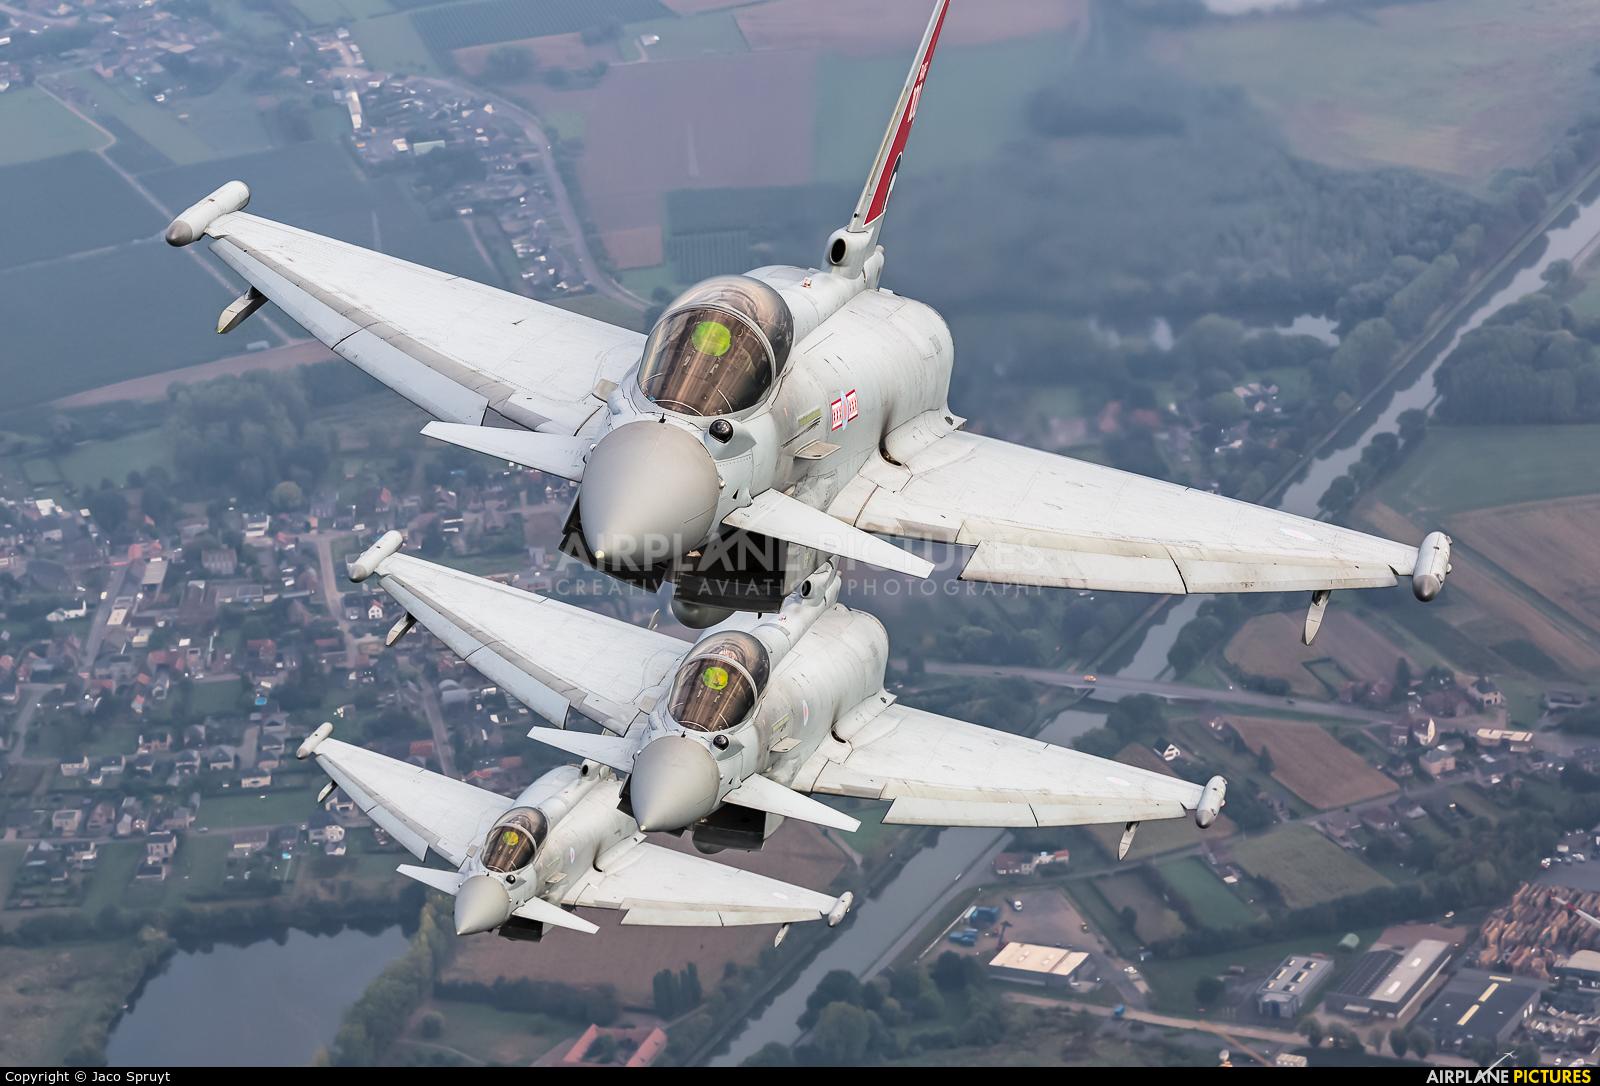 Royal Air Force ZK318 aircraft at In Flight - Belgium